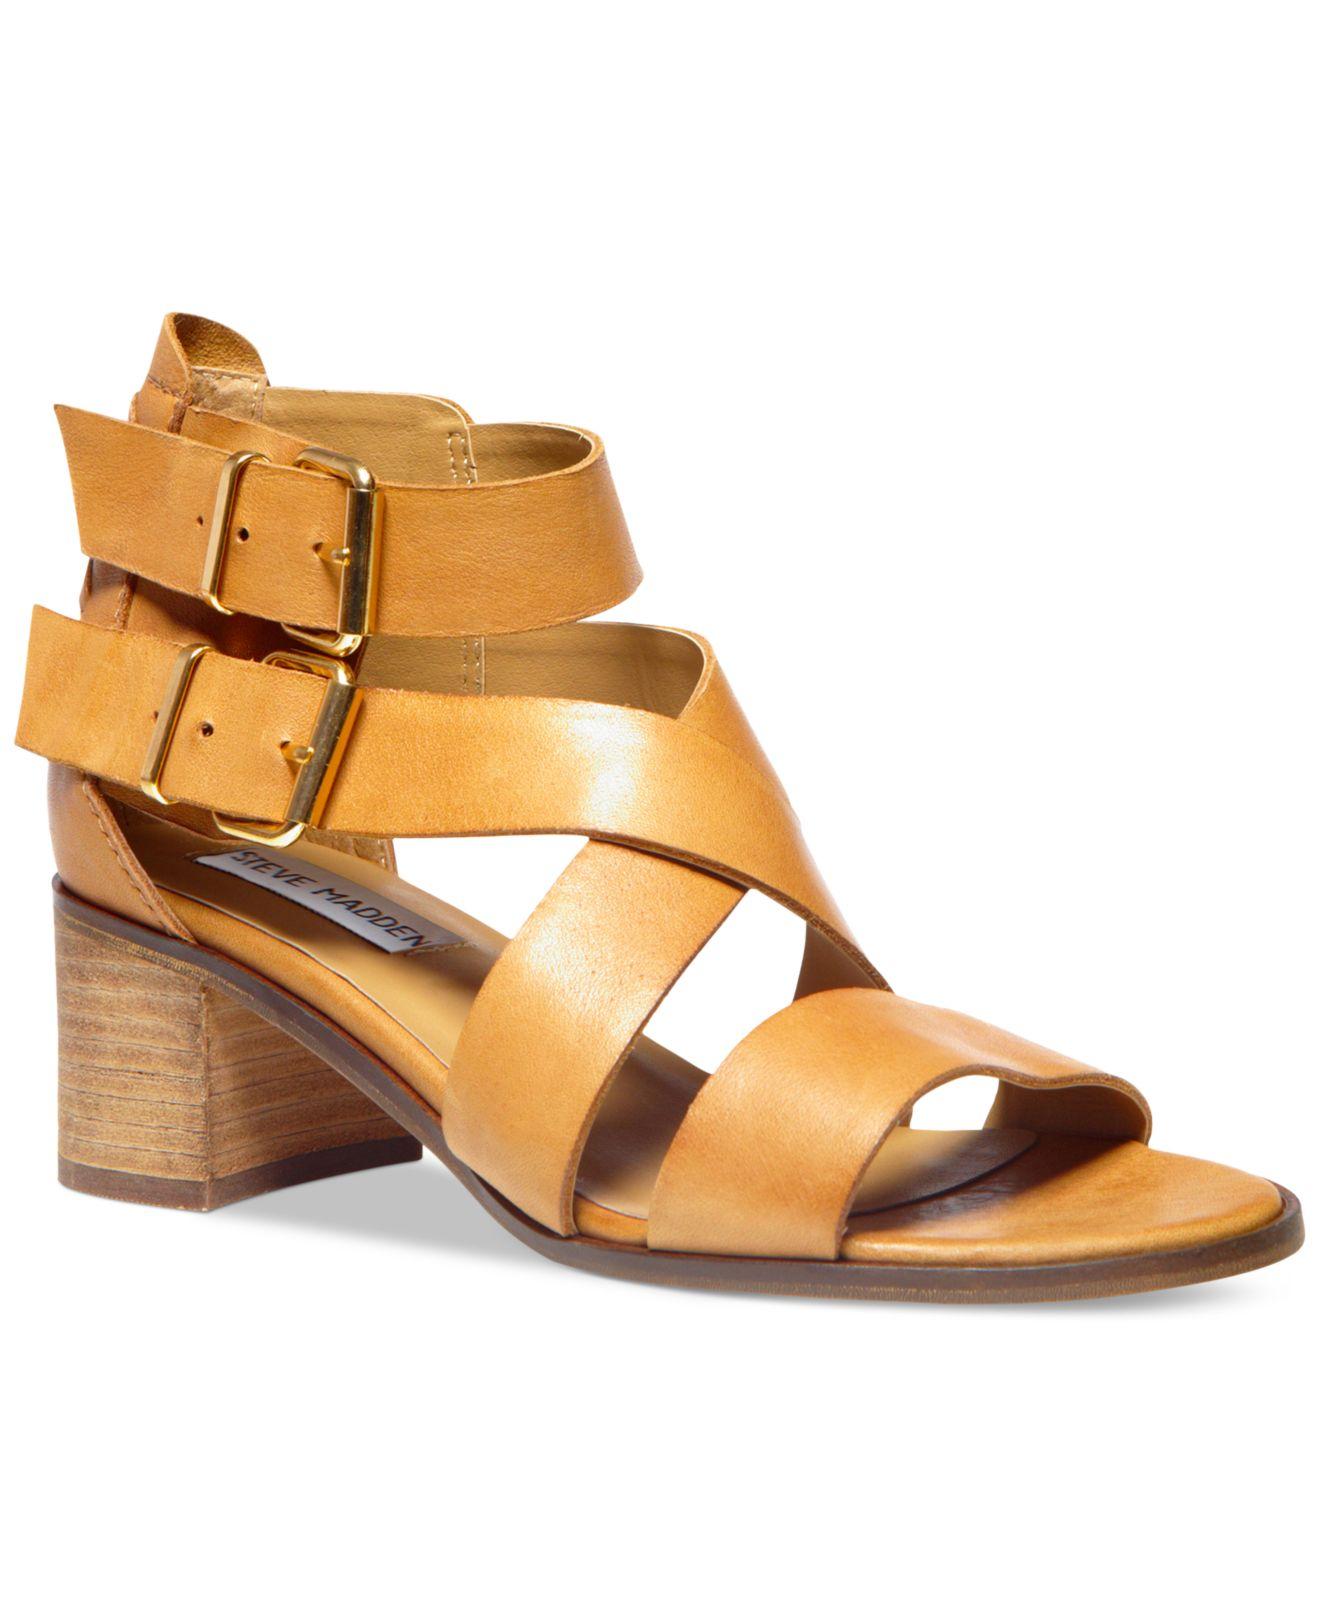 6a300476dd9 Steve Madden Natural Women'S Rosana Block Heel City Sandals